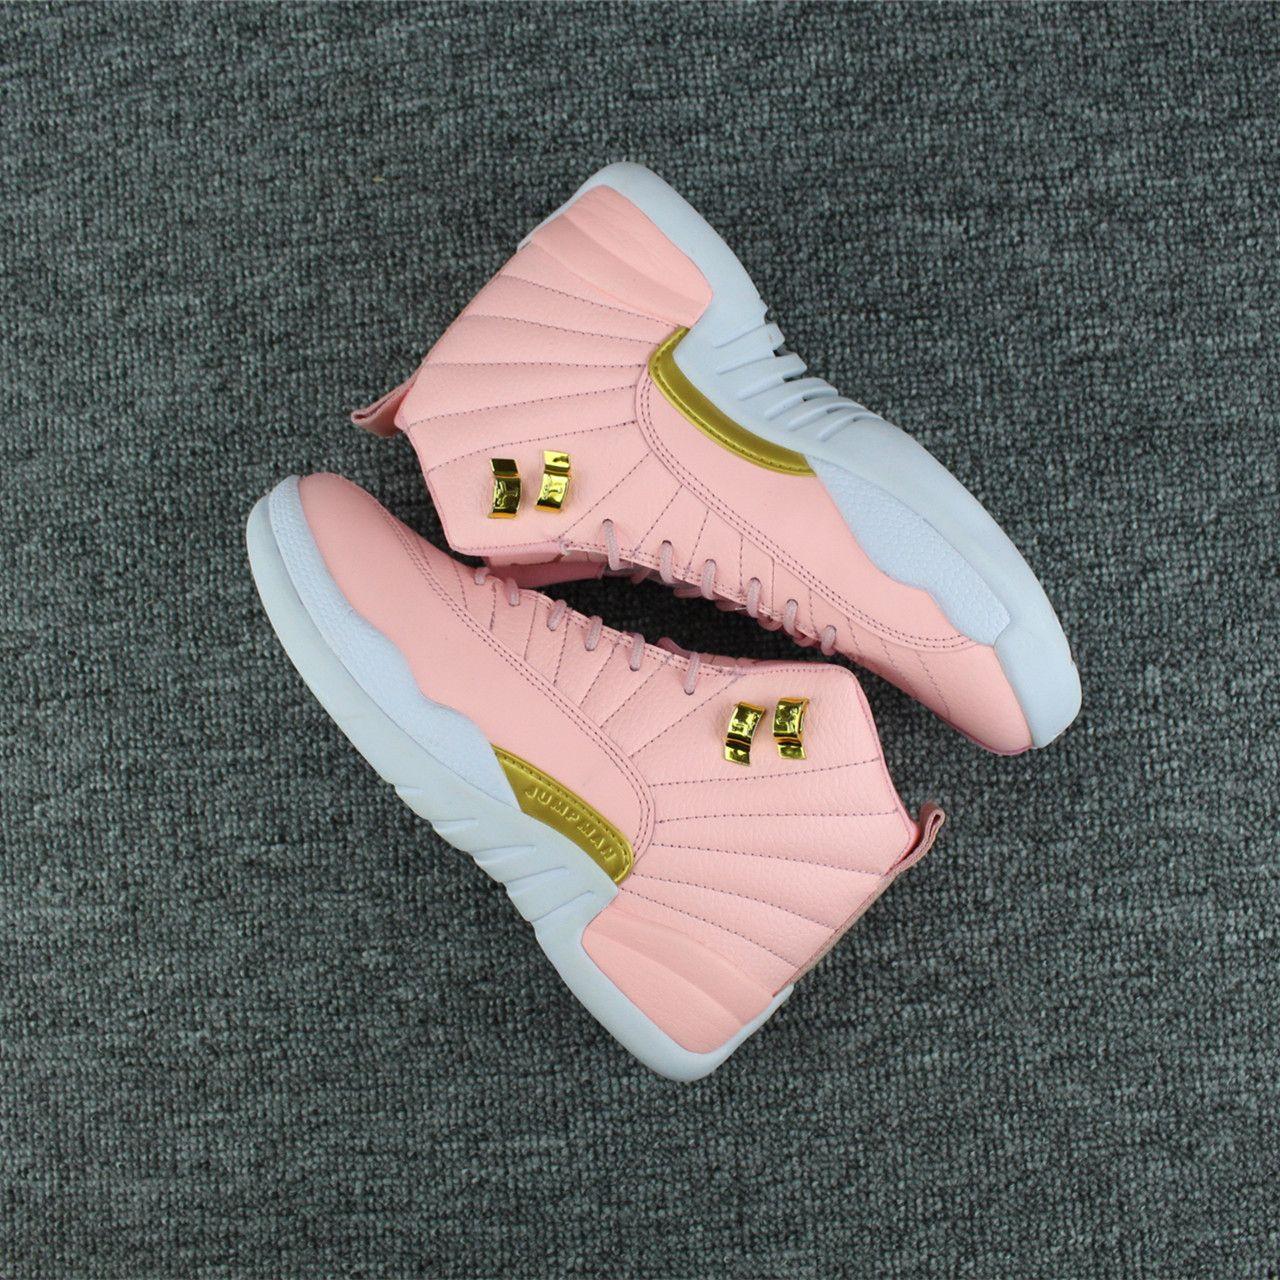 Fantástico Zapatos Michael Jordan Para Colorear Imagen - Enmarcado ...